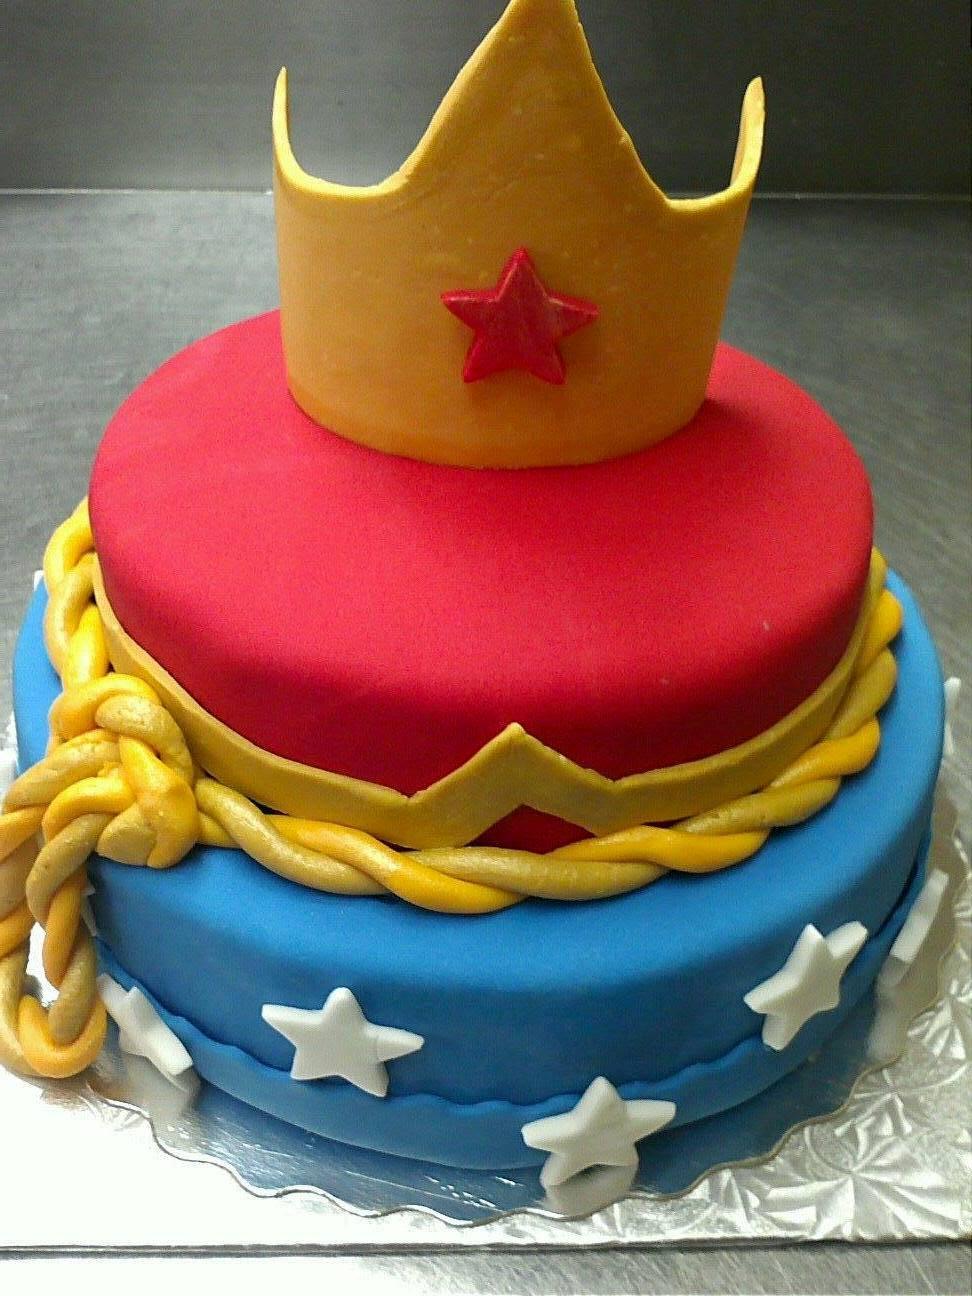 Custom Themed Cakes